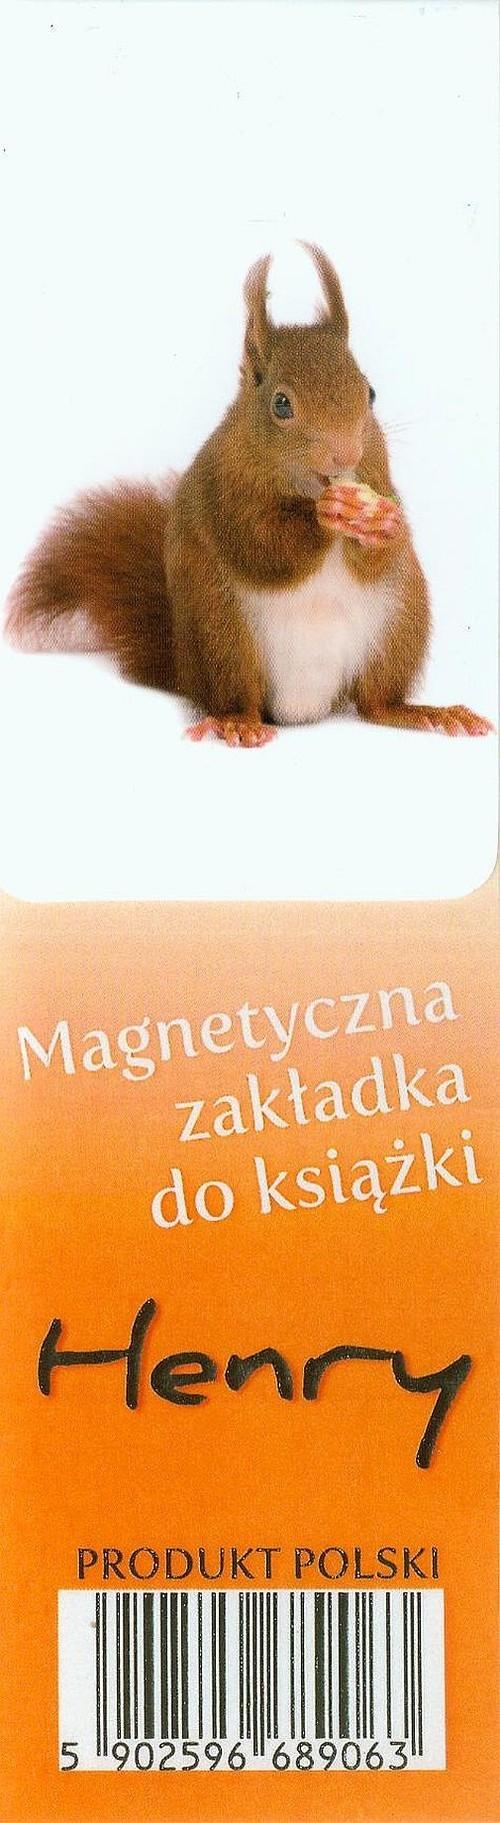 Magnetyczna zakładka do książki